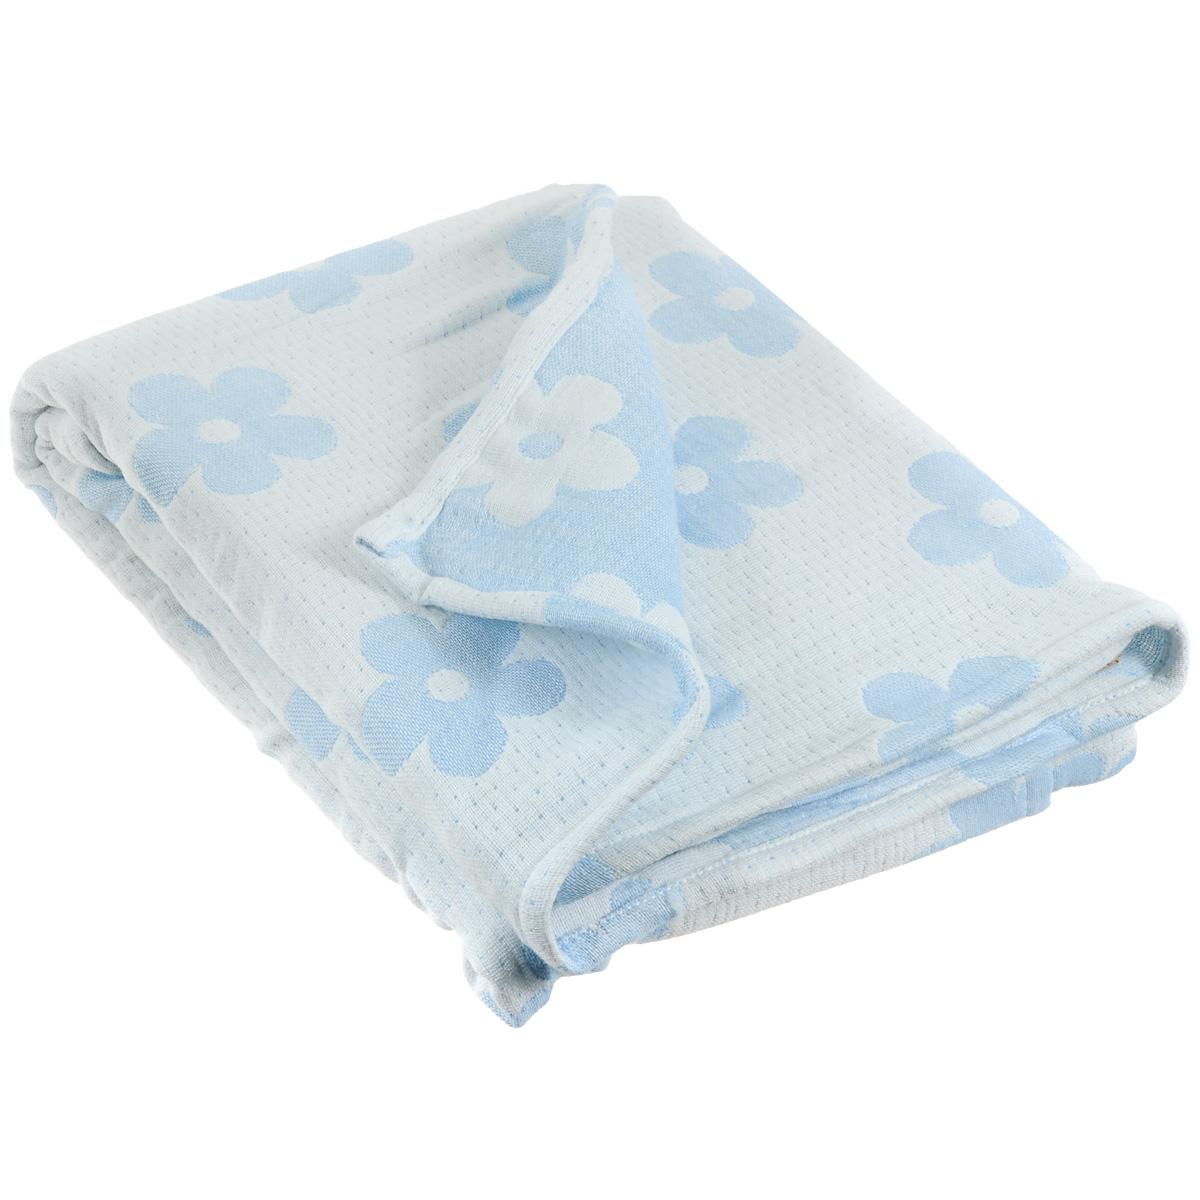 Плед-одеяло детский Baby Nice Цветы, муслиновый, цвет: голубой, 100 см x 118 смL618365Муслиновый плед-одеяло Baby Nice Цветы, изготовленный из мягкого натурального 100% хлопка, оформлен цветочным рисунком. Плед-одеяло для новорожденных из мягкого и дышащего муслинового хлопка идеально подходит для комфортного сна малыша. Состоит из четырех слоев дышащего муслина, которые помогут сохранить тепло собственного тела ребенка, предотвращая перегревание. Благодаря особой технологии переплетения нитей и специальной отделки пряжи, муслиновый плед приобрел улучшенную мягкость и гигроскопичность. Легкий и дышащий, эластичный и практичный, такой плед хорошо пропускает воздух, впитывает влагу и прекрасно отдает тепло. Он создаст вашему малышу ощущение свежести и комфорта. Муслиновый плед сохраняет свои свойства даже после многочисленных стирок, быстро сохнет и не требует глажки. Во время прогулки такой плед послужит легким одеялом в коляску.